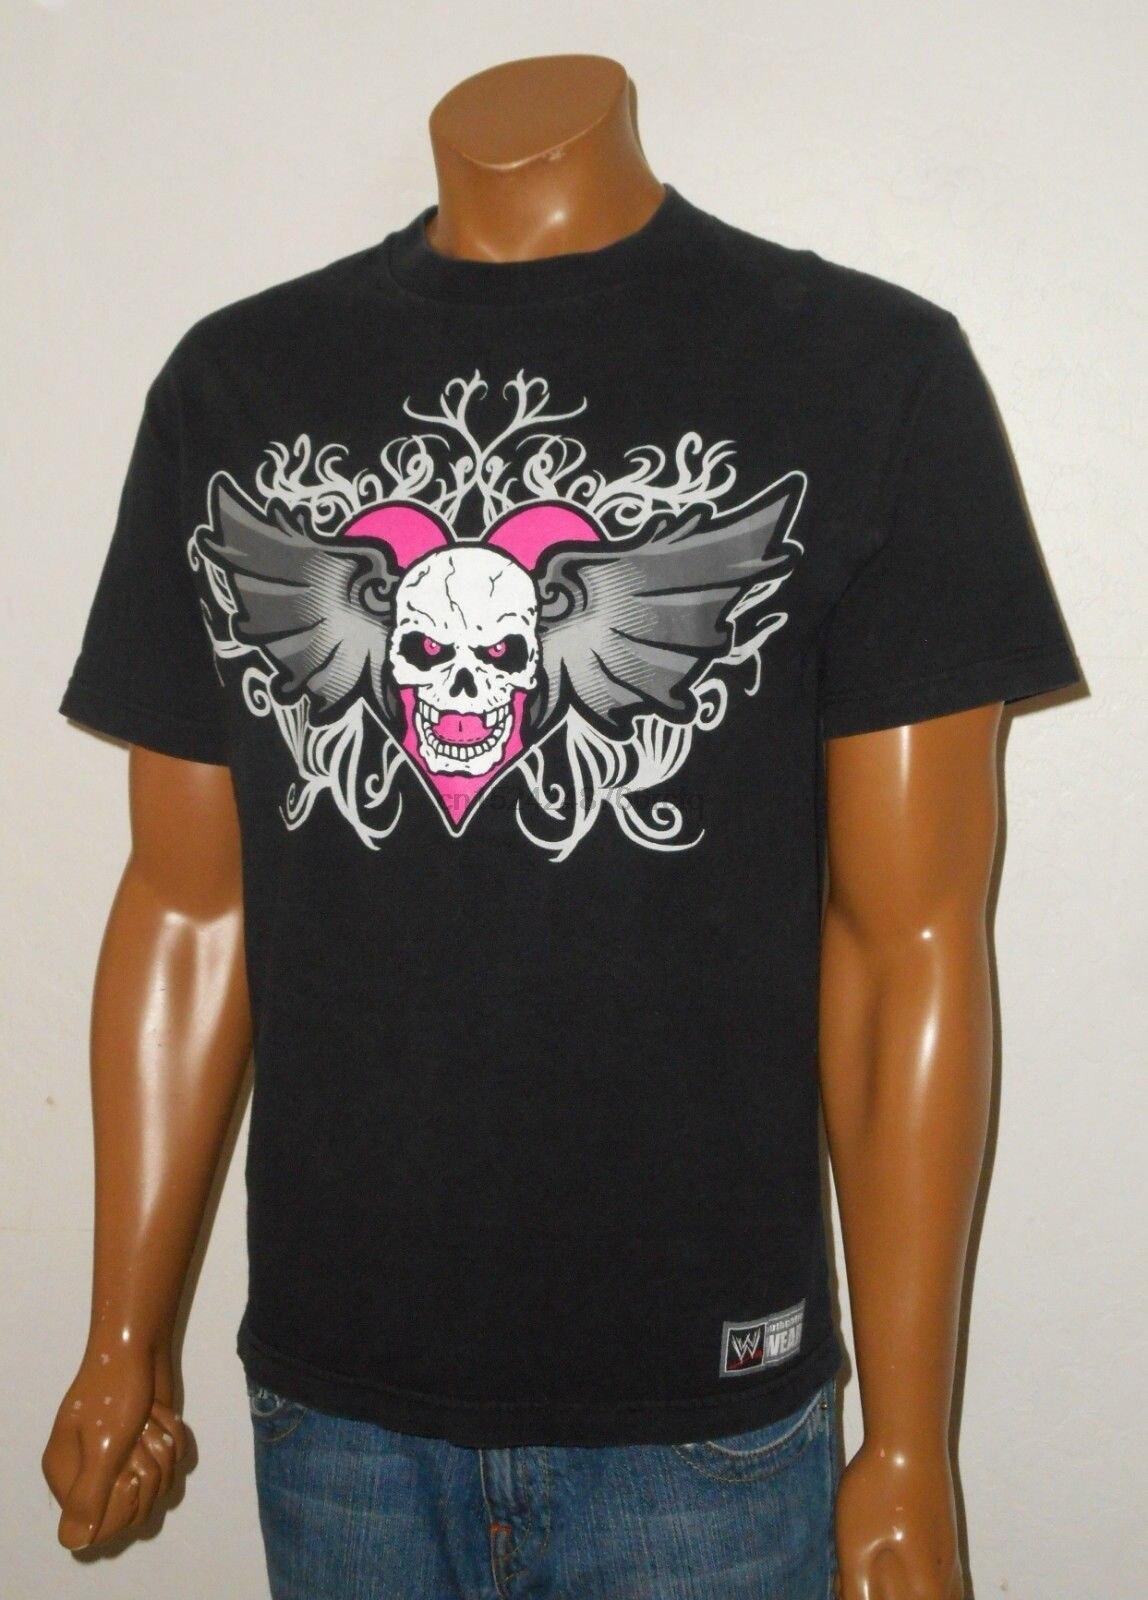 BRET The HITMAN hard WWF Lucha Libre moda Casual hombres camisetas sueltas de manga corta negro tamaño S-3XL